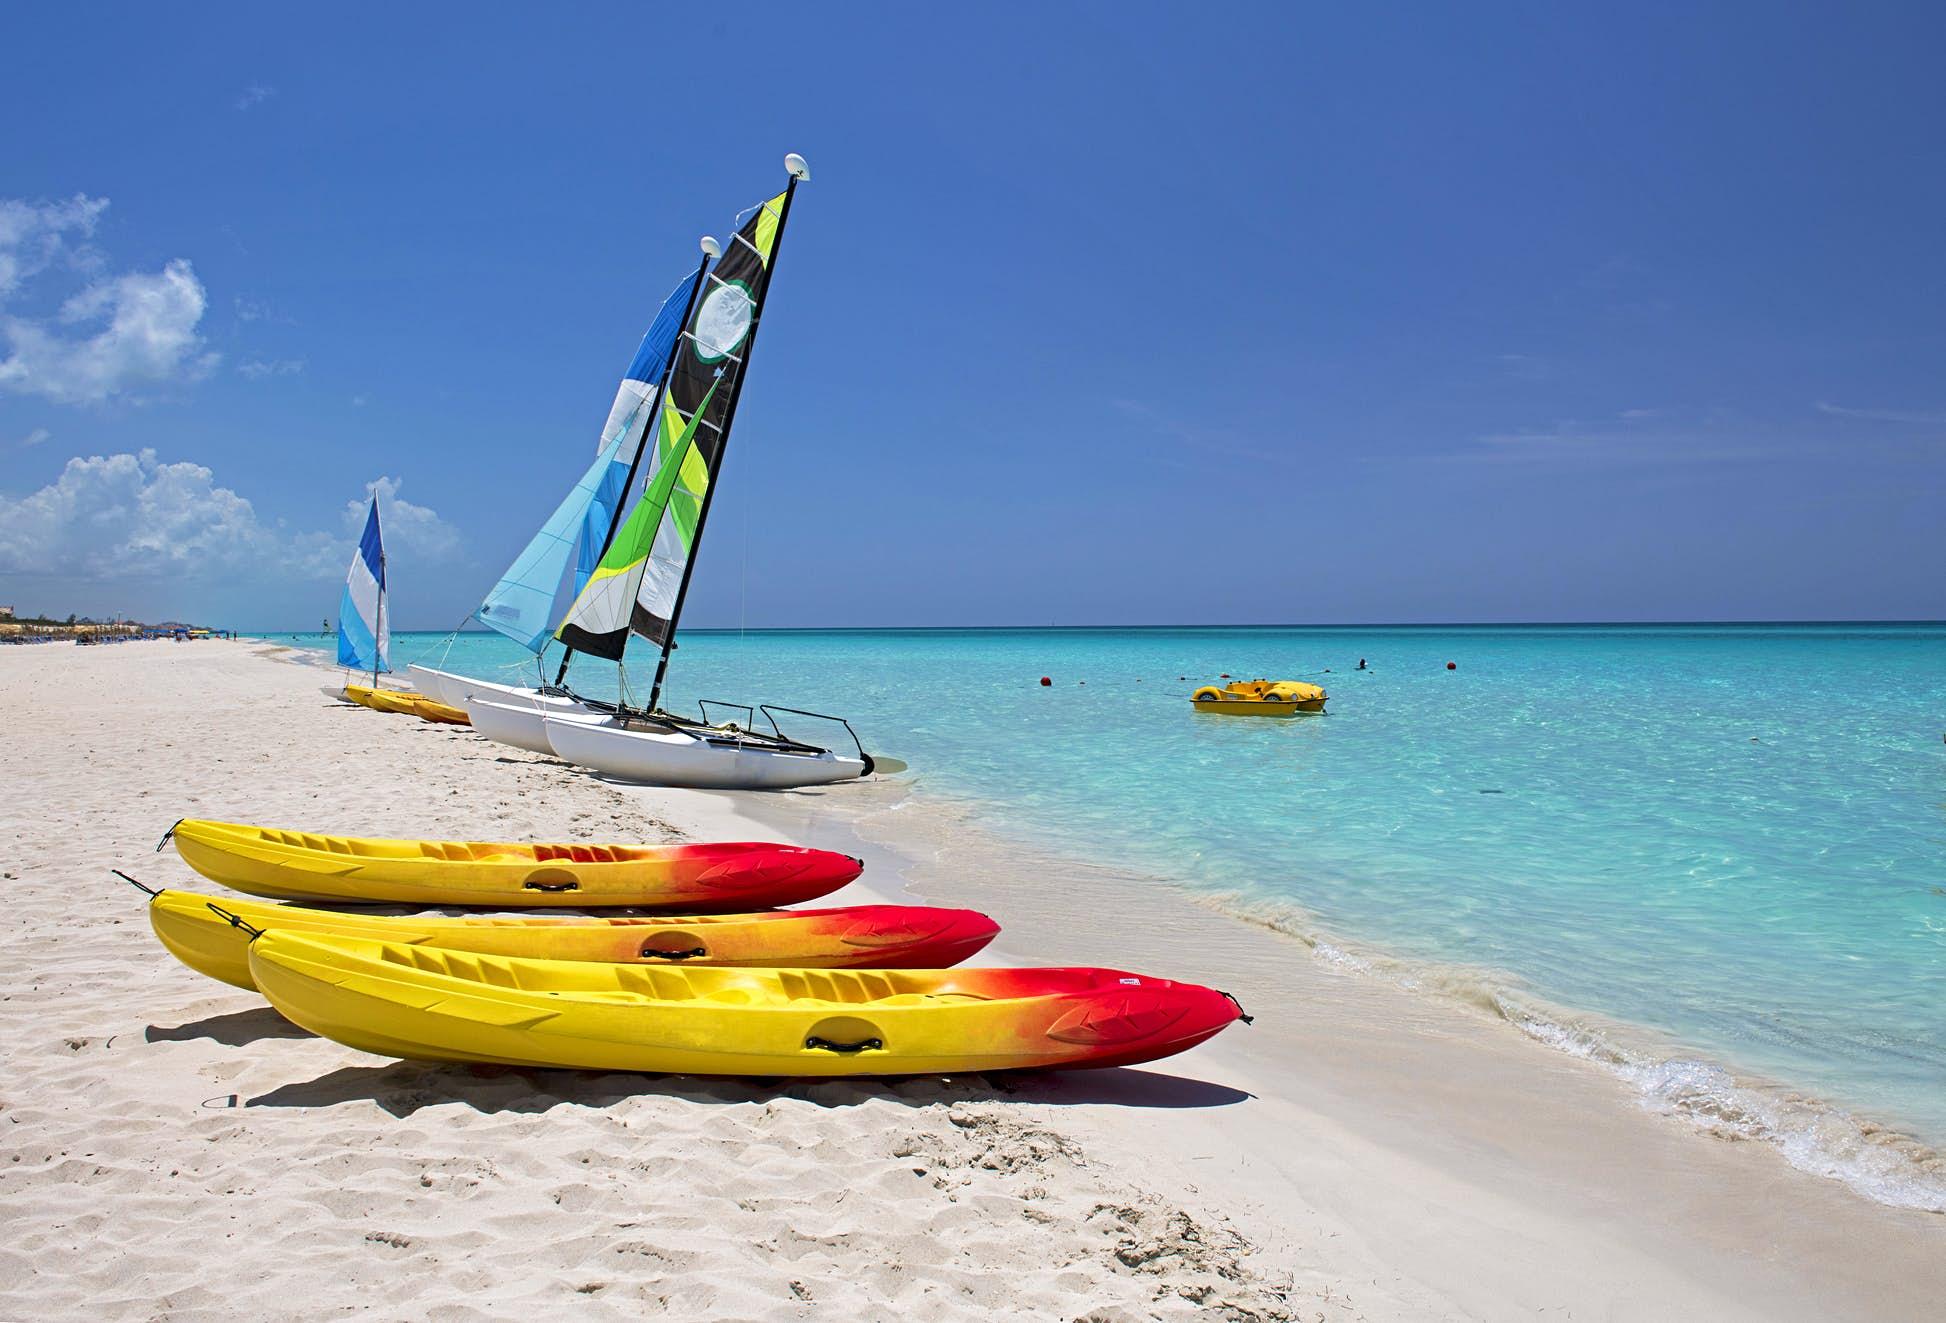 Beautiful Varadero beach, Cuba © majaiva/Getty Images